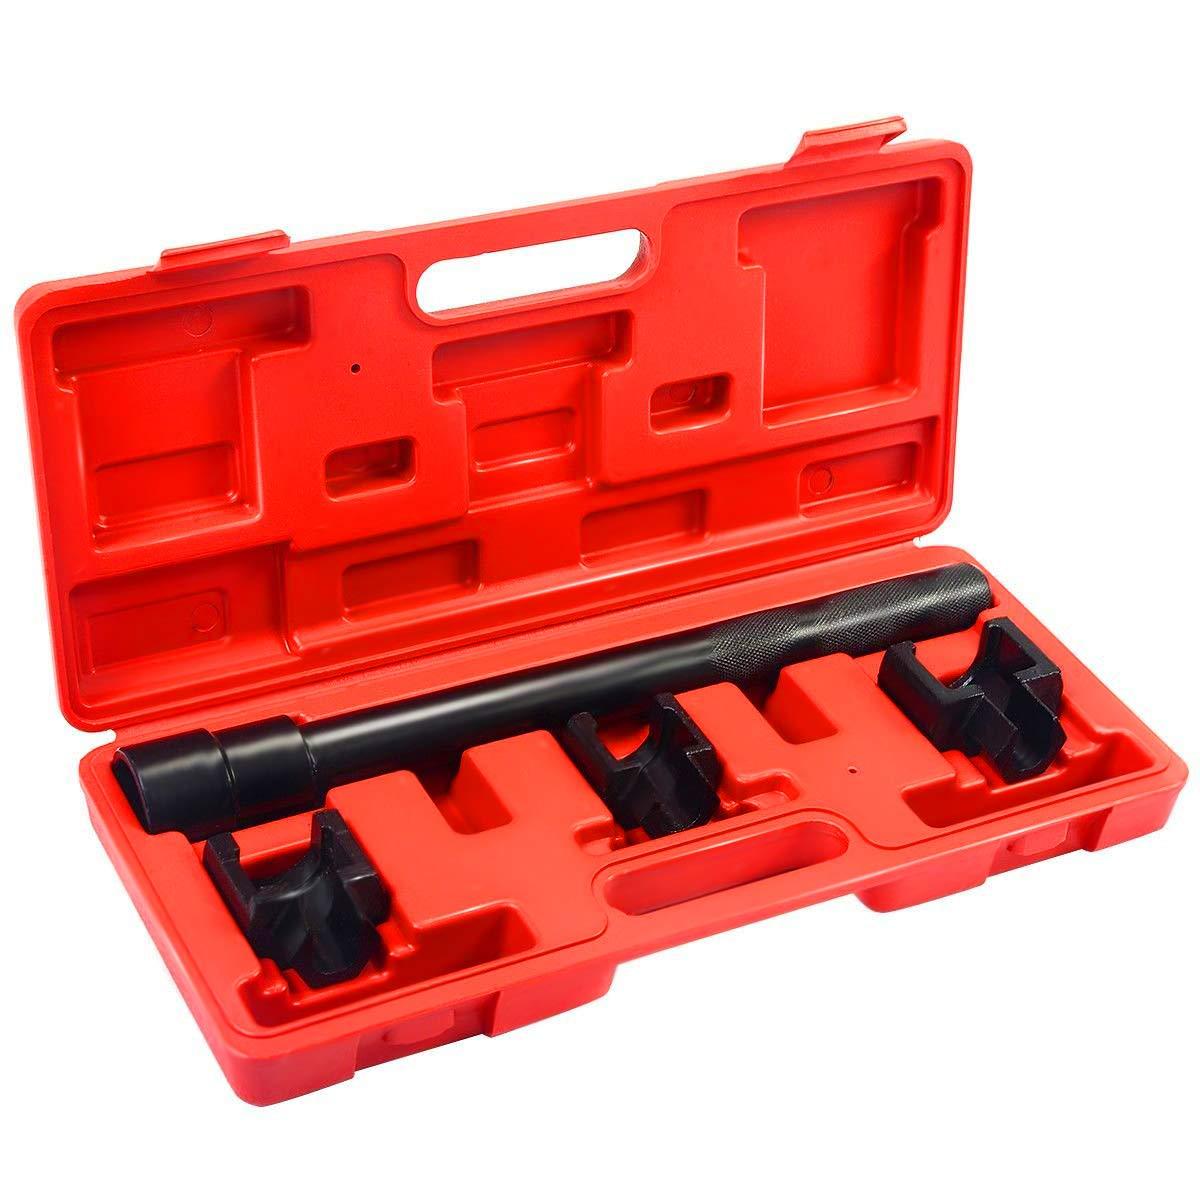 Goplus Inner Tie Rod Removal Installation Tool Set Mechanics Dual Tie Rod Adjusting Tool Kit